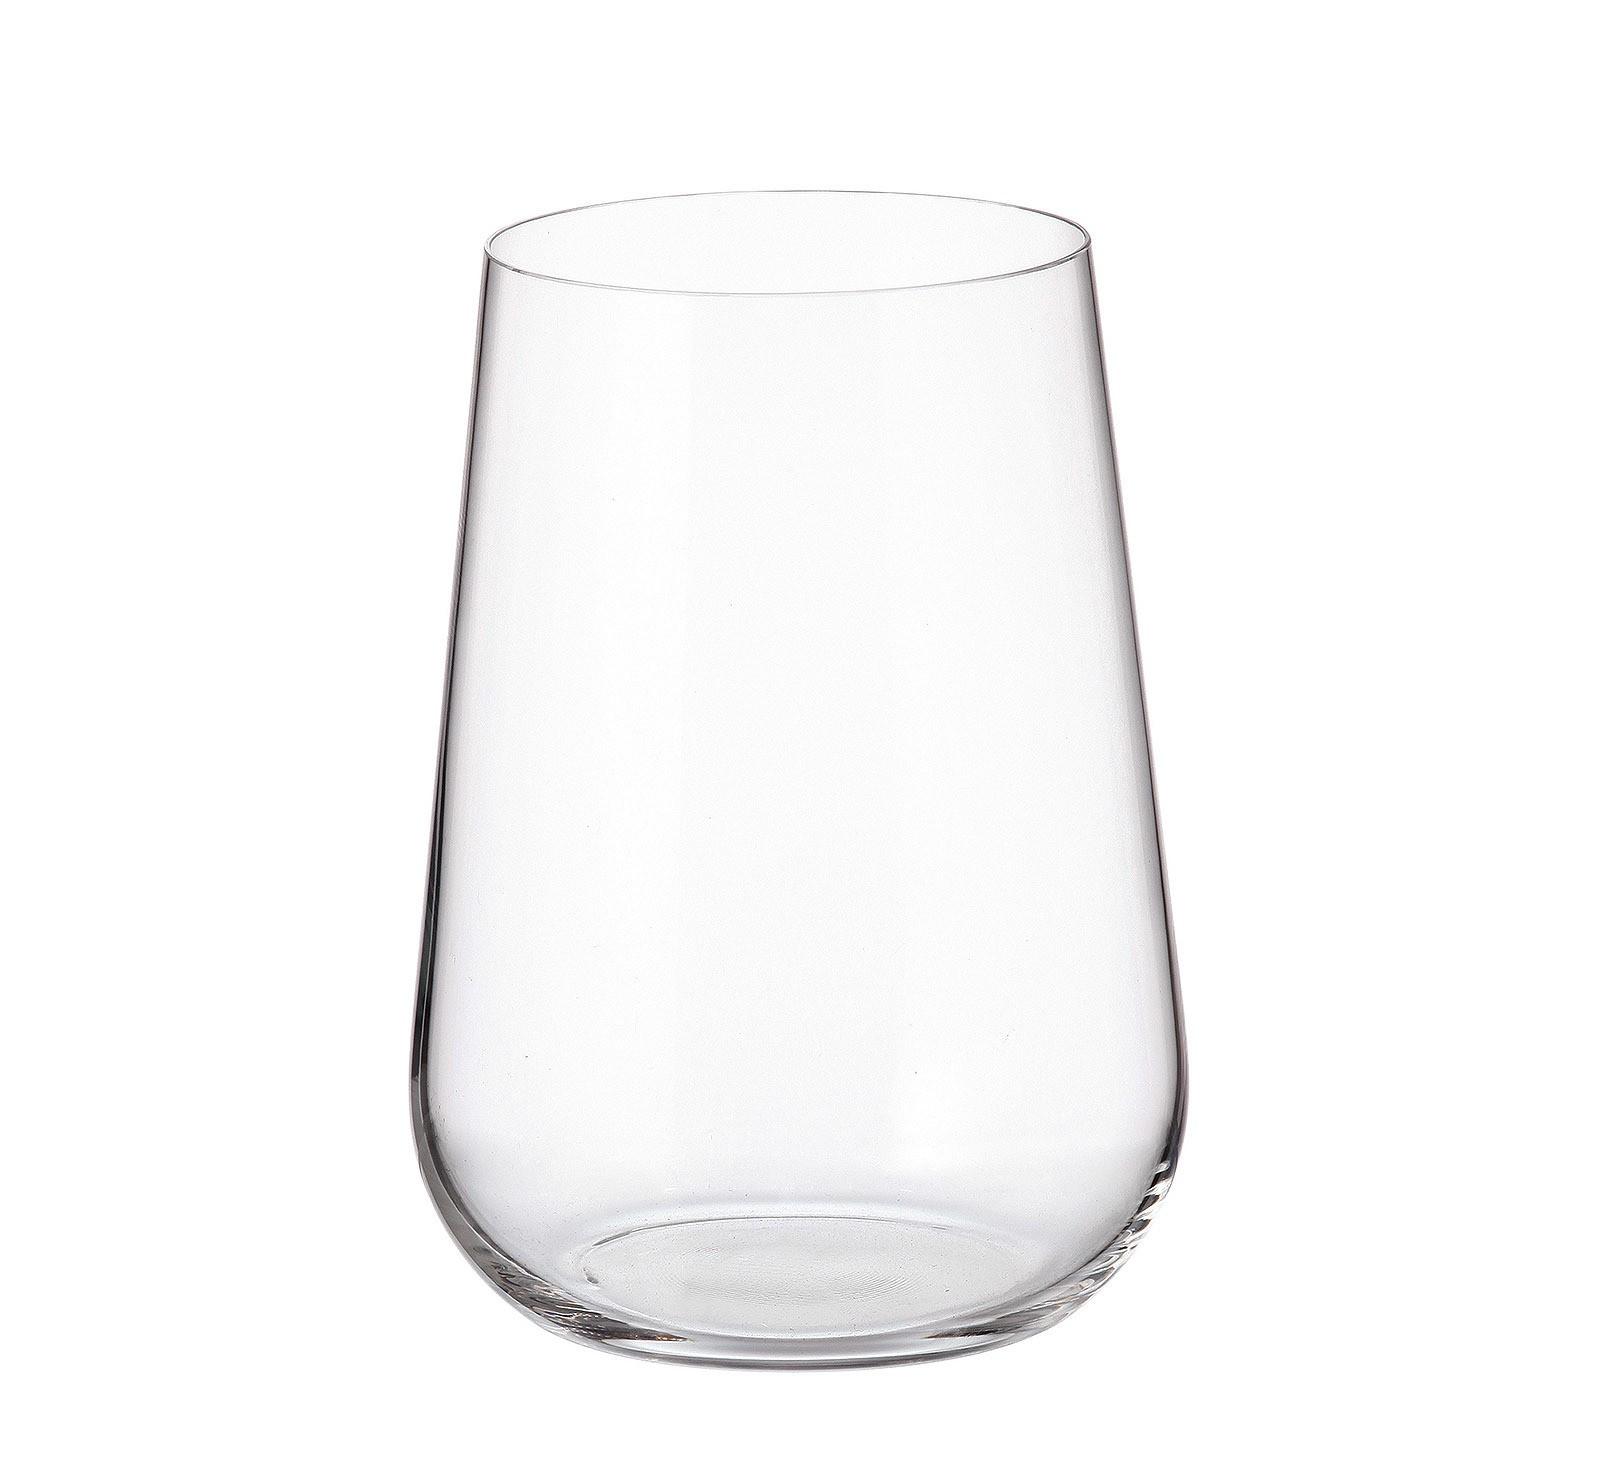 Ποτήρι Νερού - Αναψυκτικού Ardea Σετ 6Τμχ Κρυστάλλινο 470ml Bohemia home   ειδη σερβιρισματος   ποτήρια